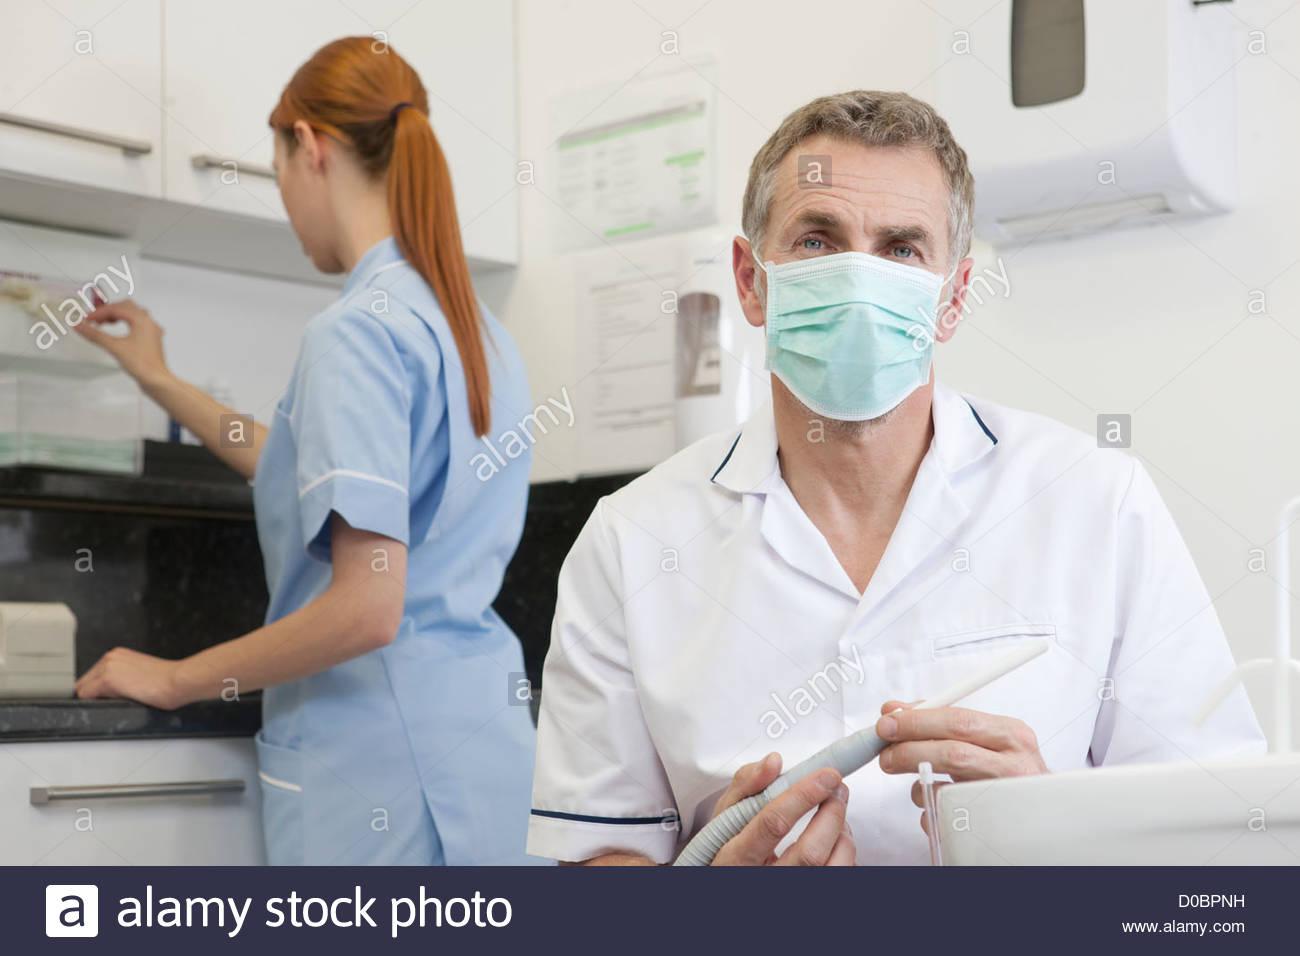 Un dentista maschio e femmina infermiere dentali in una chirurgia dentale Immagini Stock